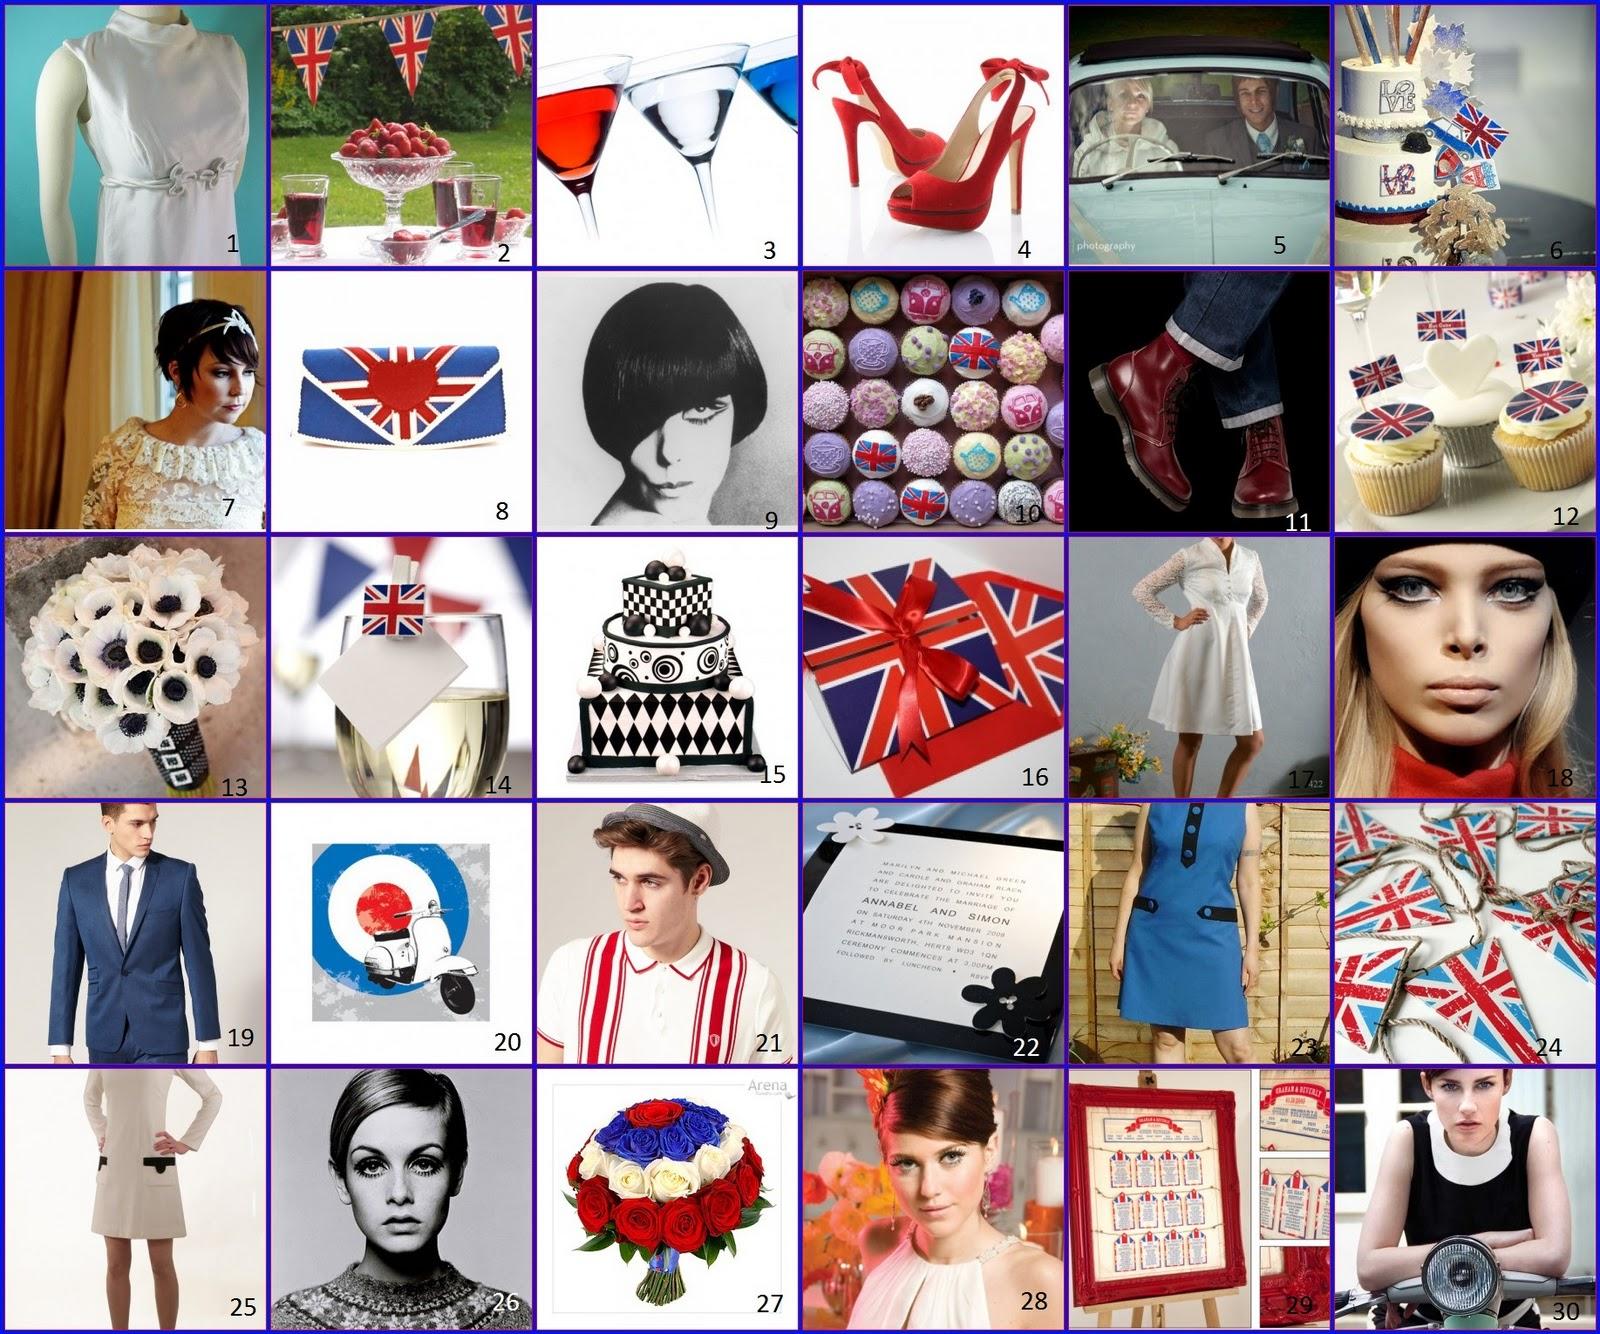 http://1.bp.blogspot.com/-6xh7H7jdC6I/TZHLSllch3I/AAAAAAAAAJM/w6WERKvTmWA/s1600/Mod+board1.jpg